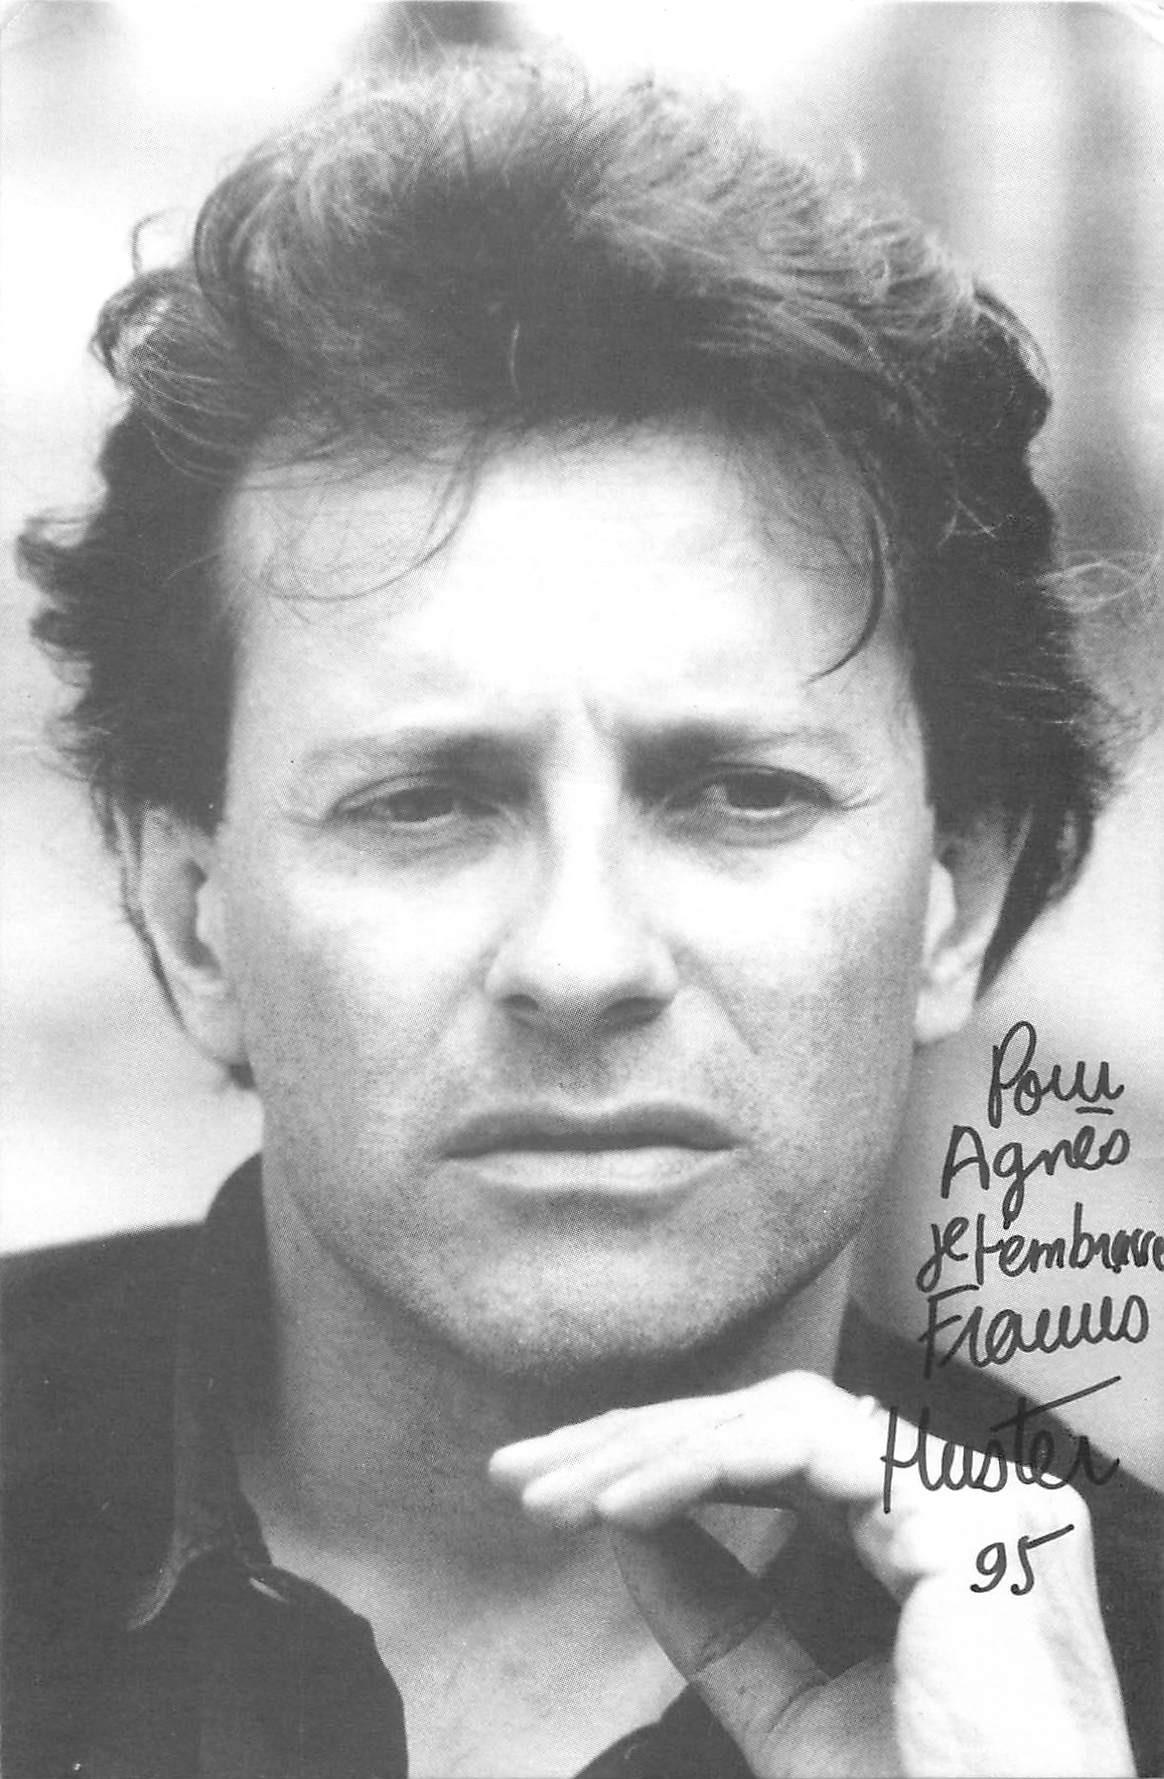 Acteurs & Artistes de Théâtre. FRANCIS HUSTER dédicacée en 1995